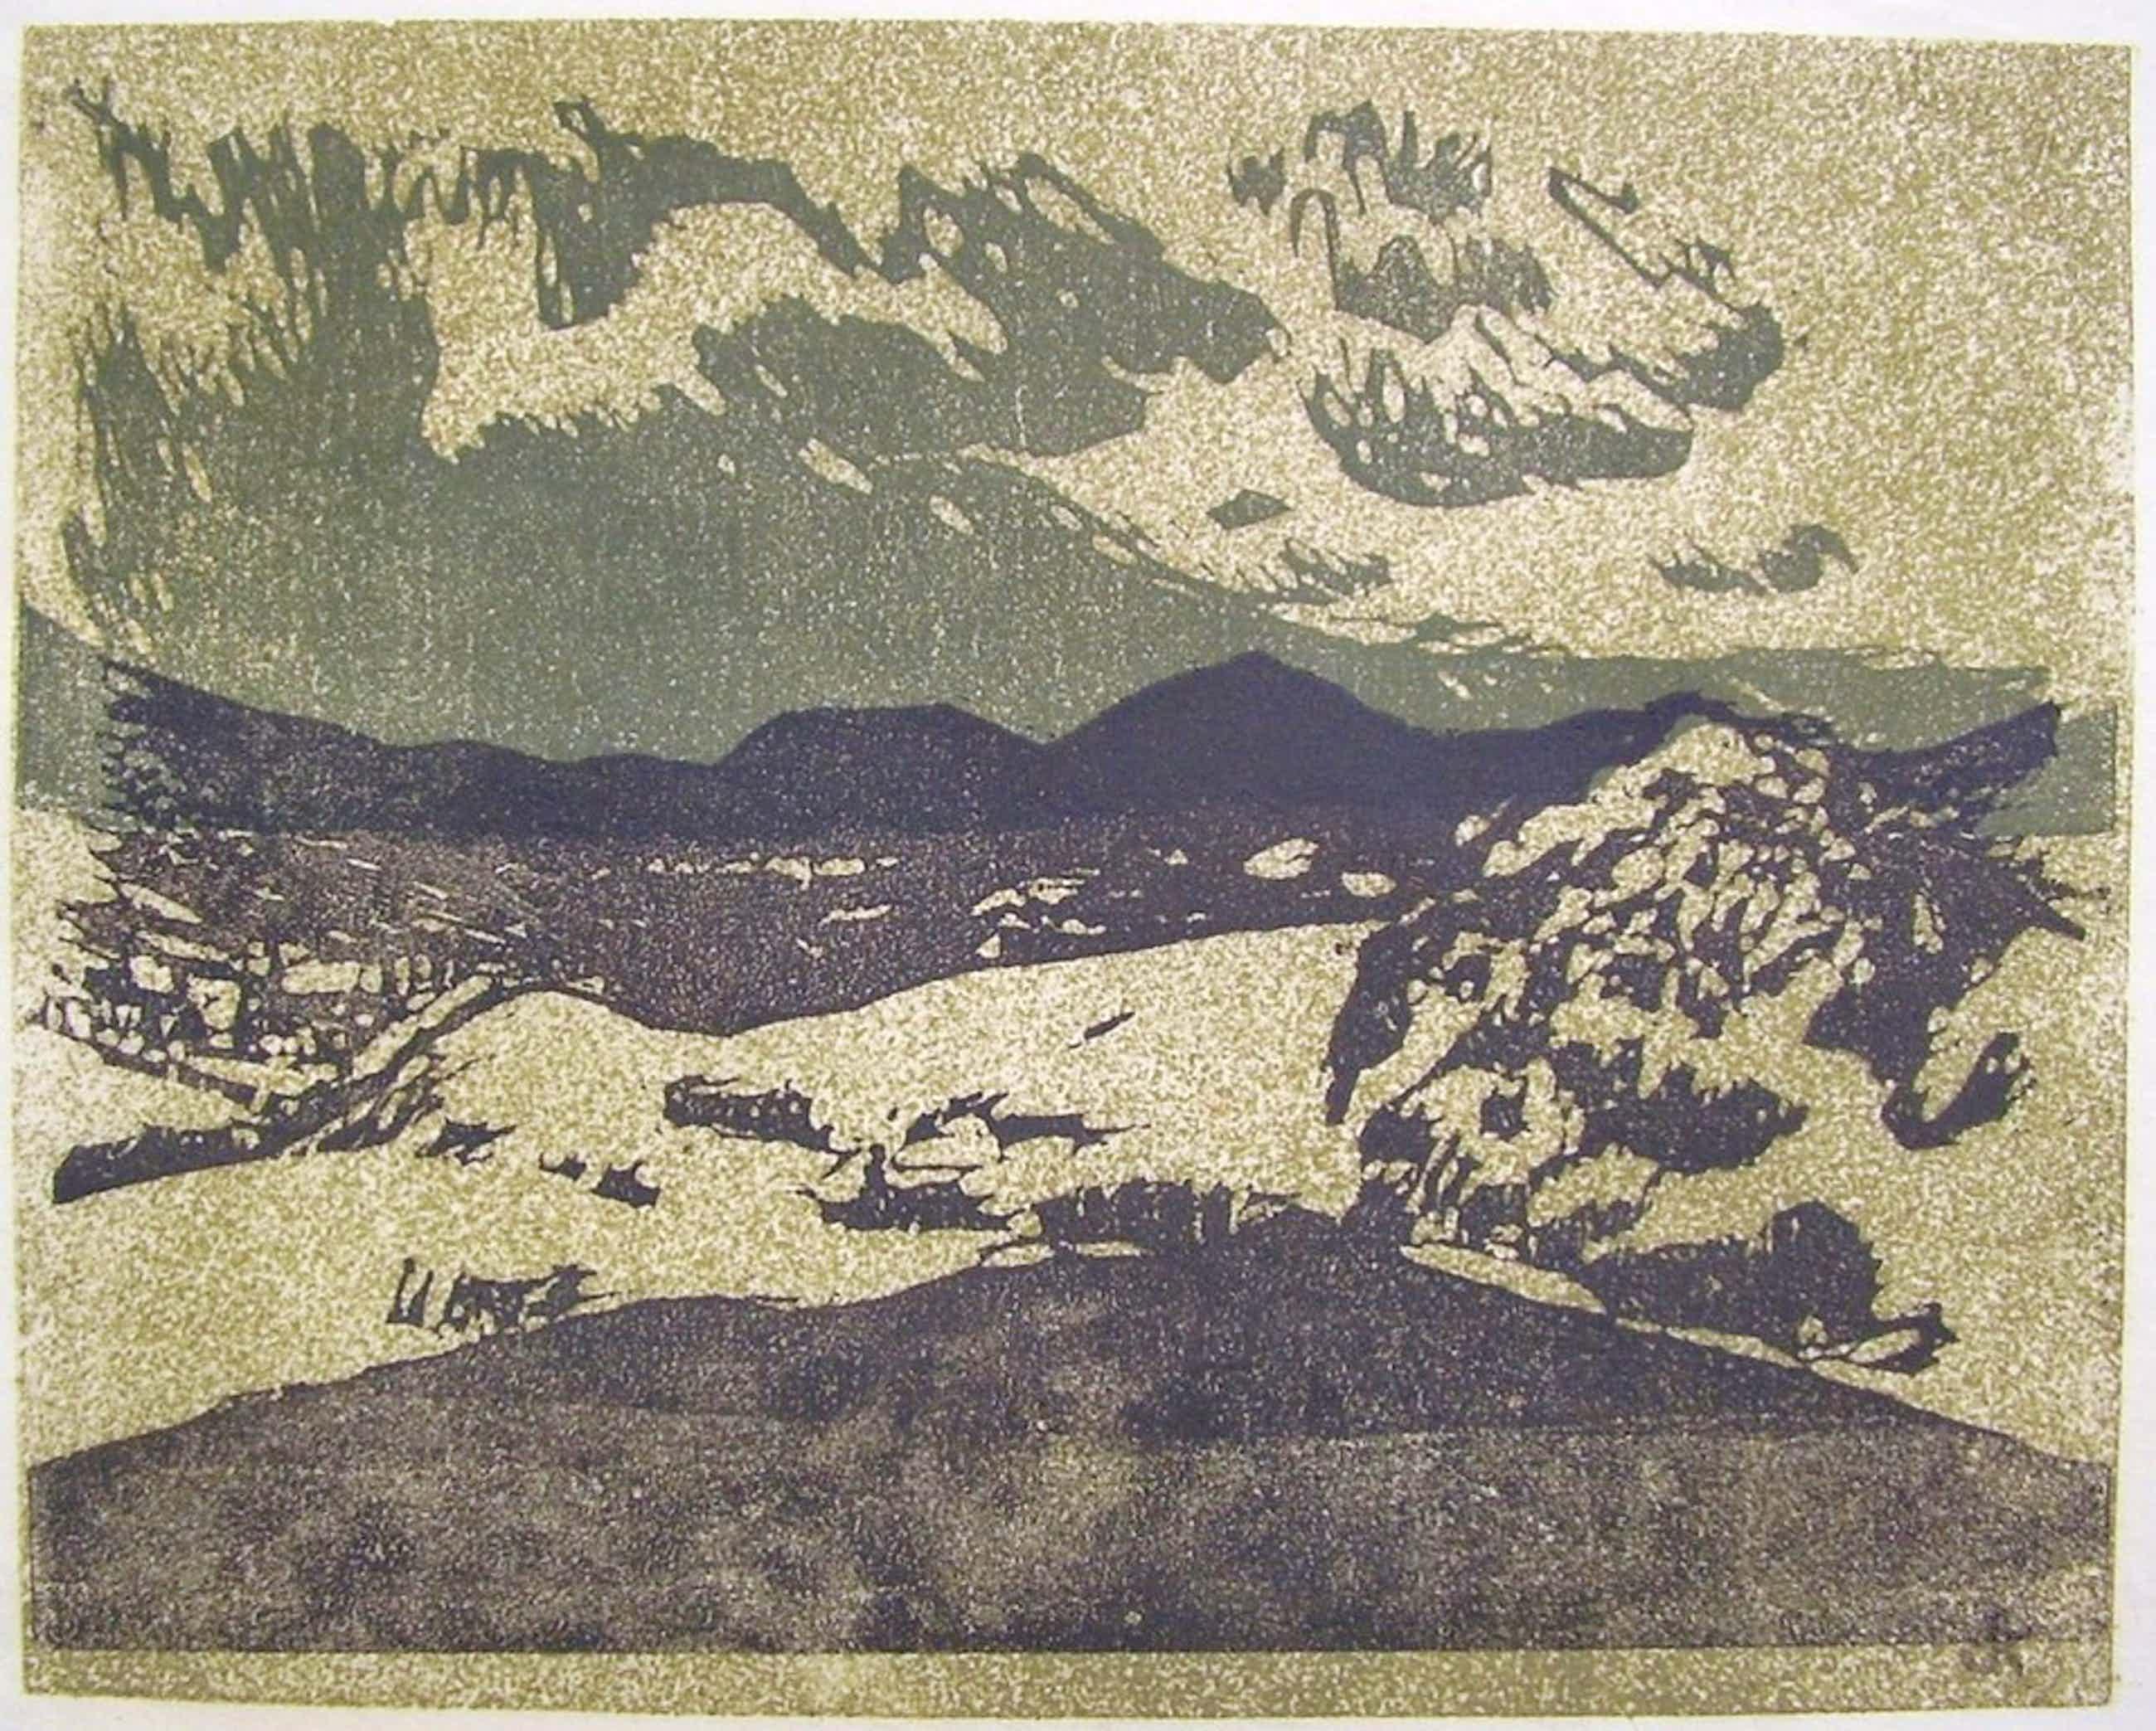 Otto B. de Kat Monts du Cantal linosnede (uit collectie Han Wezelaar) 1970 kopen? Bied vanaf 60!